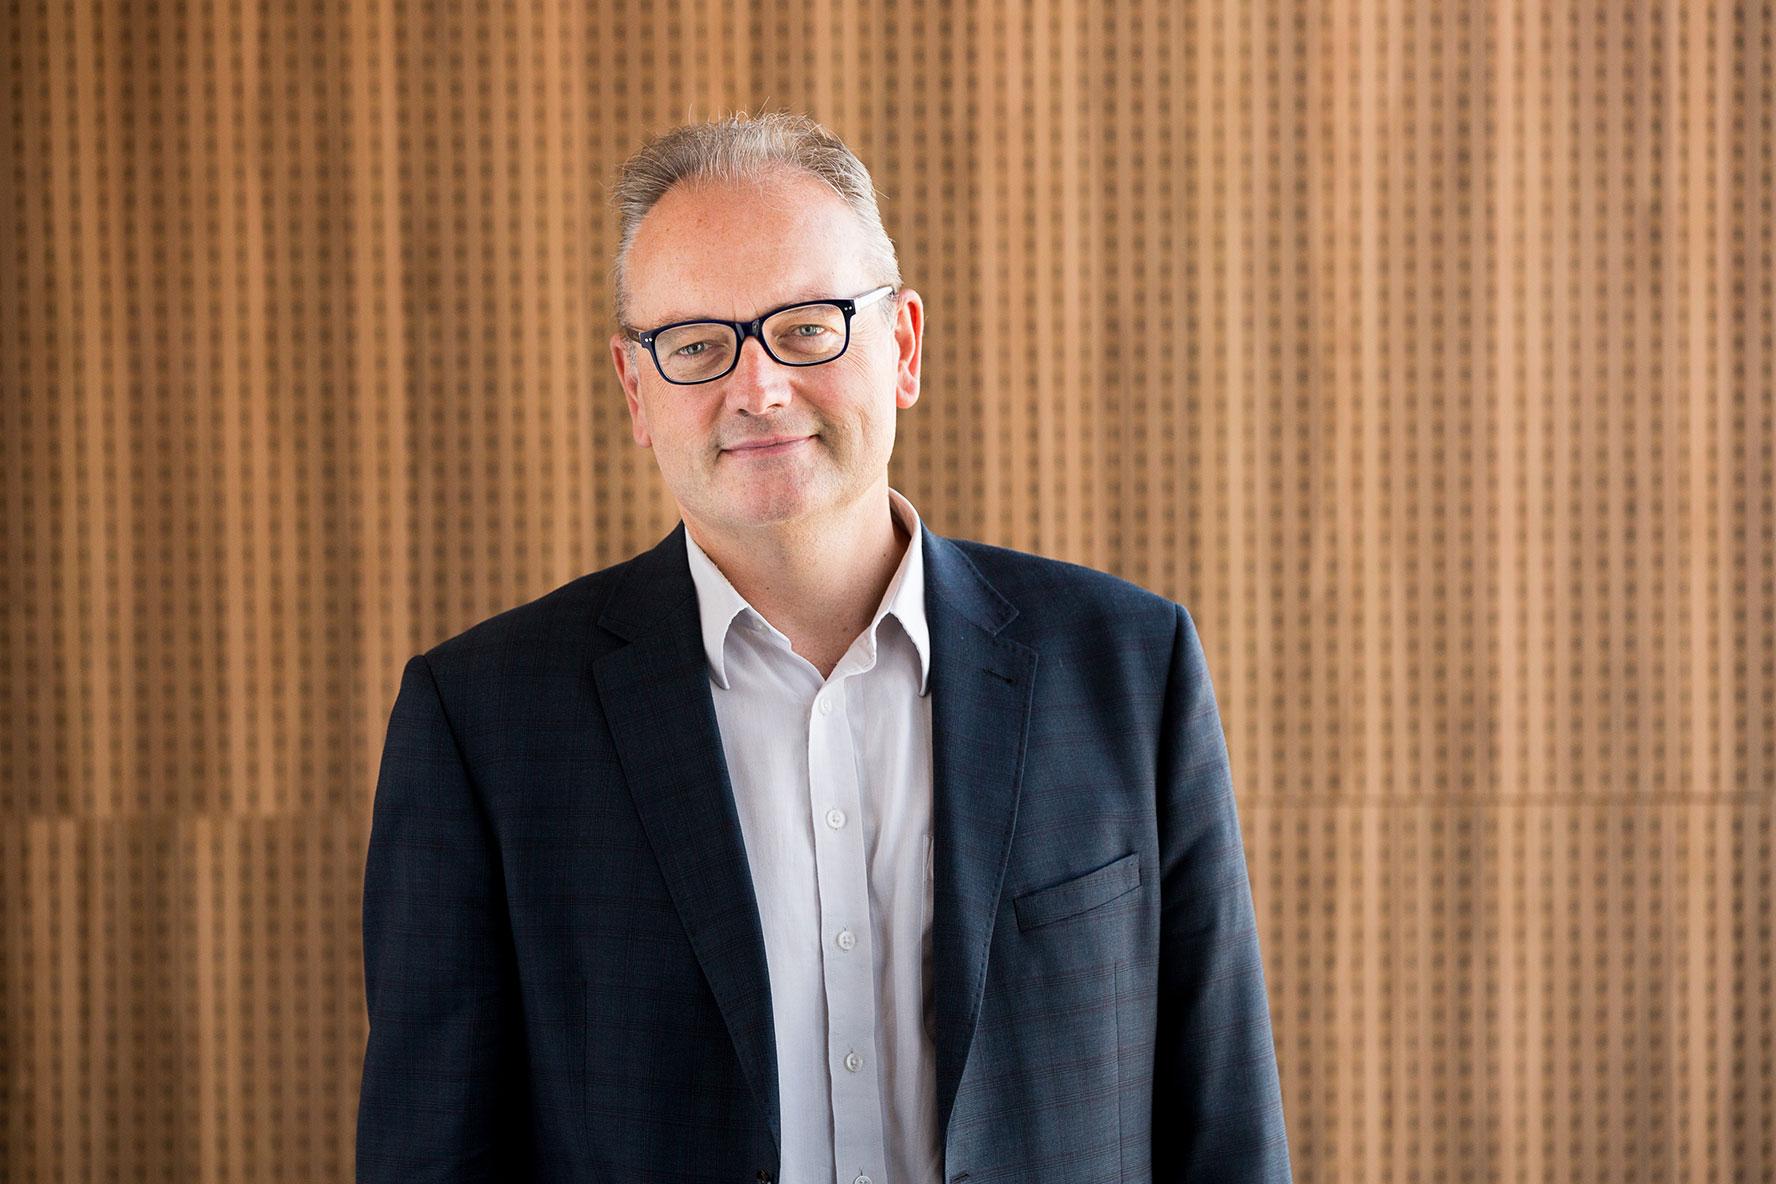 Profile photo of Professor Lindsay Oades